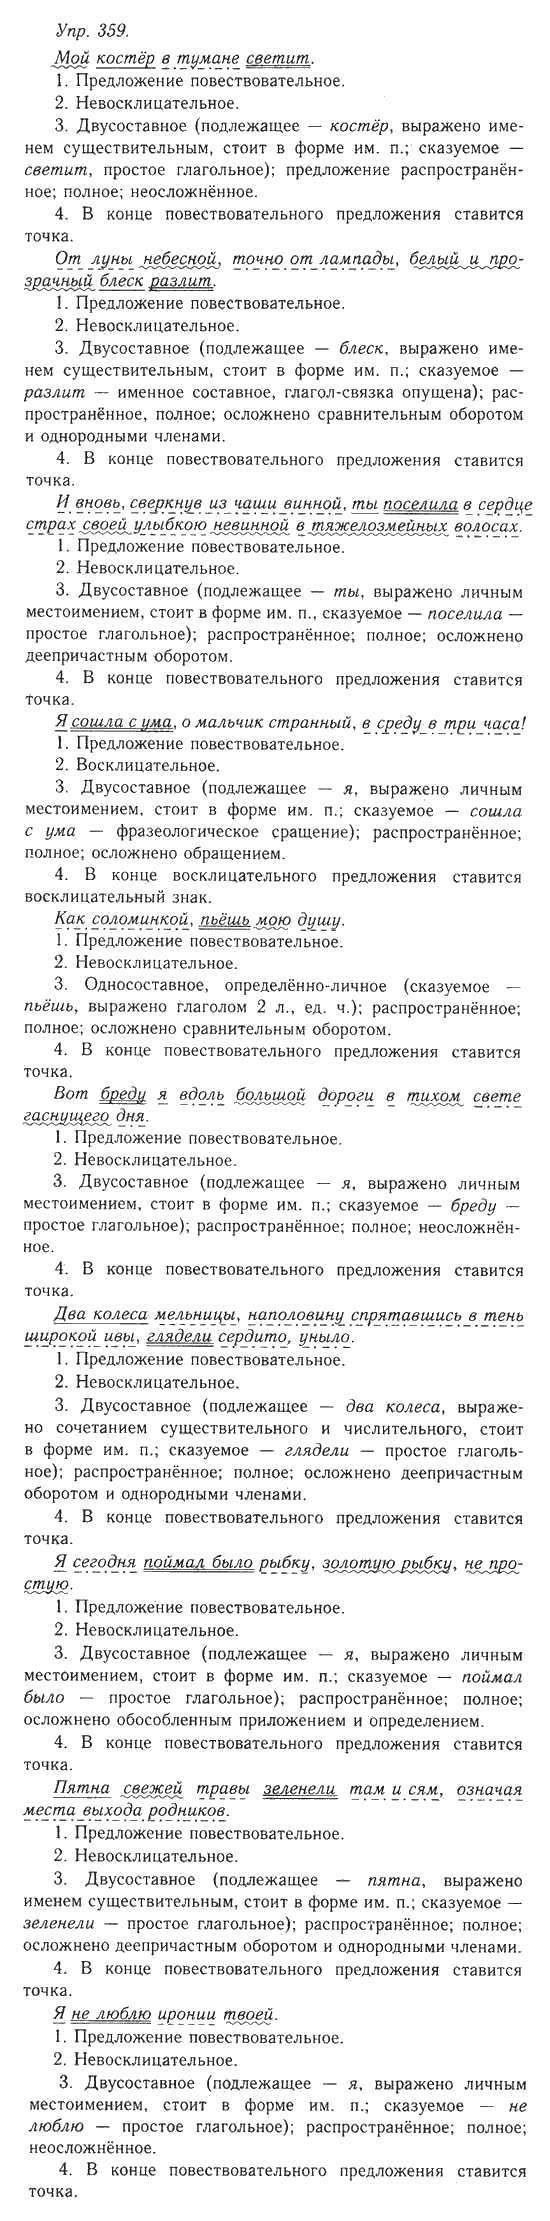 ответы на геометрические тесты 8 класс мищенко блинков